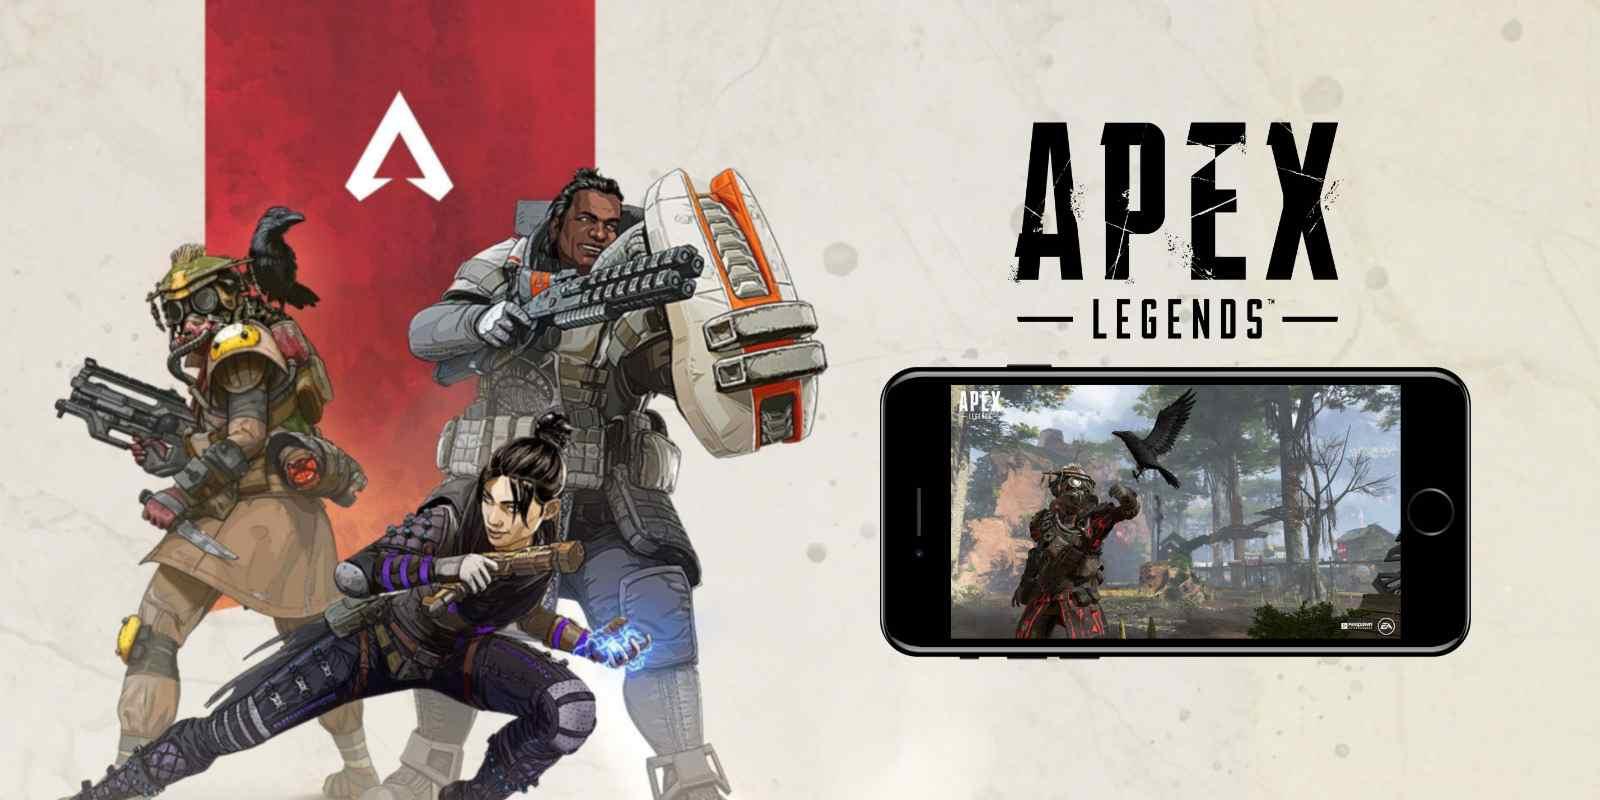 08fdf424f2ba3c4e61dc1bc8e00e8915 - لعبة Apex Legends حققت مليار دولار و تأكيد صدورها على جهاز  Nintendo Switch و الهواتف الذكية